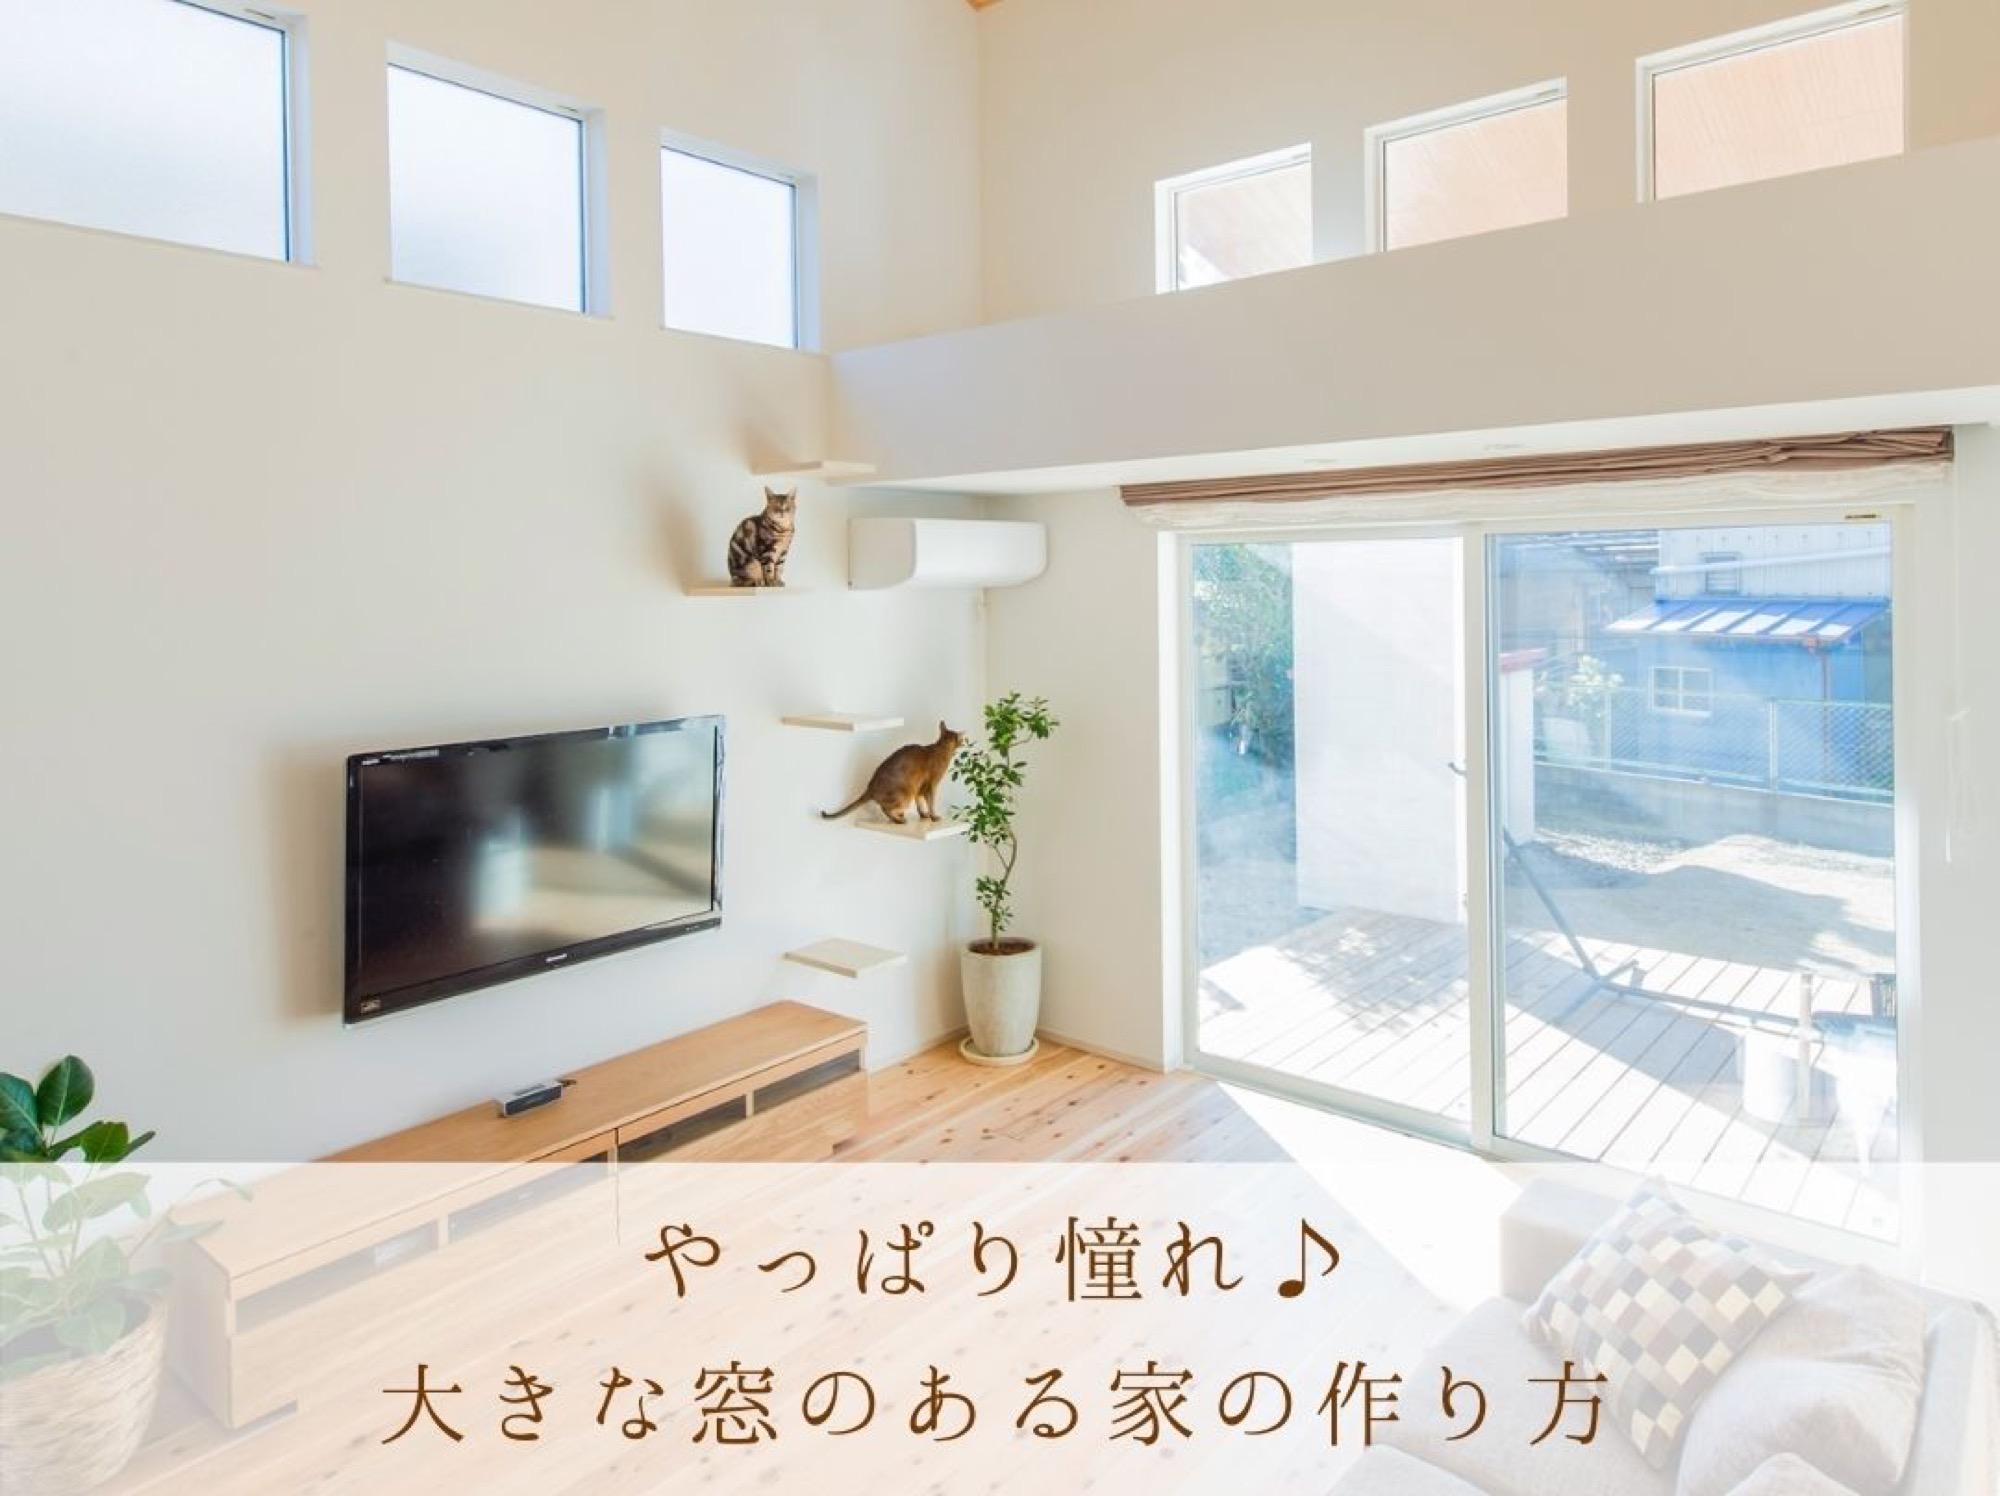 大きな窓はやっぱり憧れ♪ 大開口の窓を作る際のポイントとは?